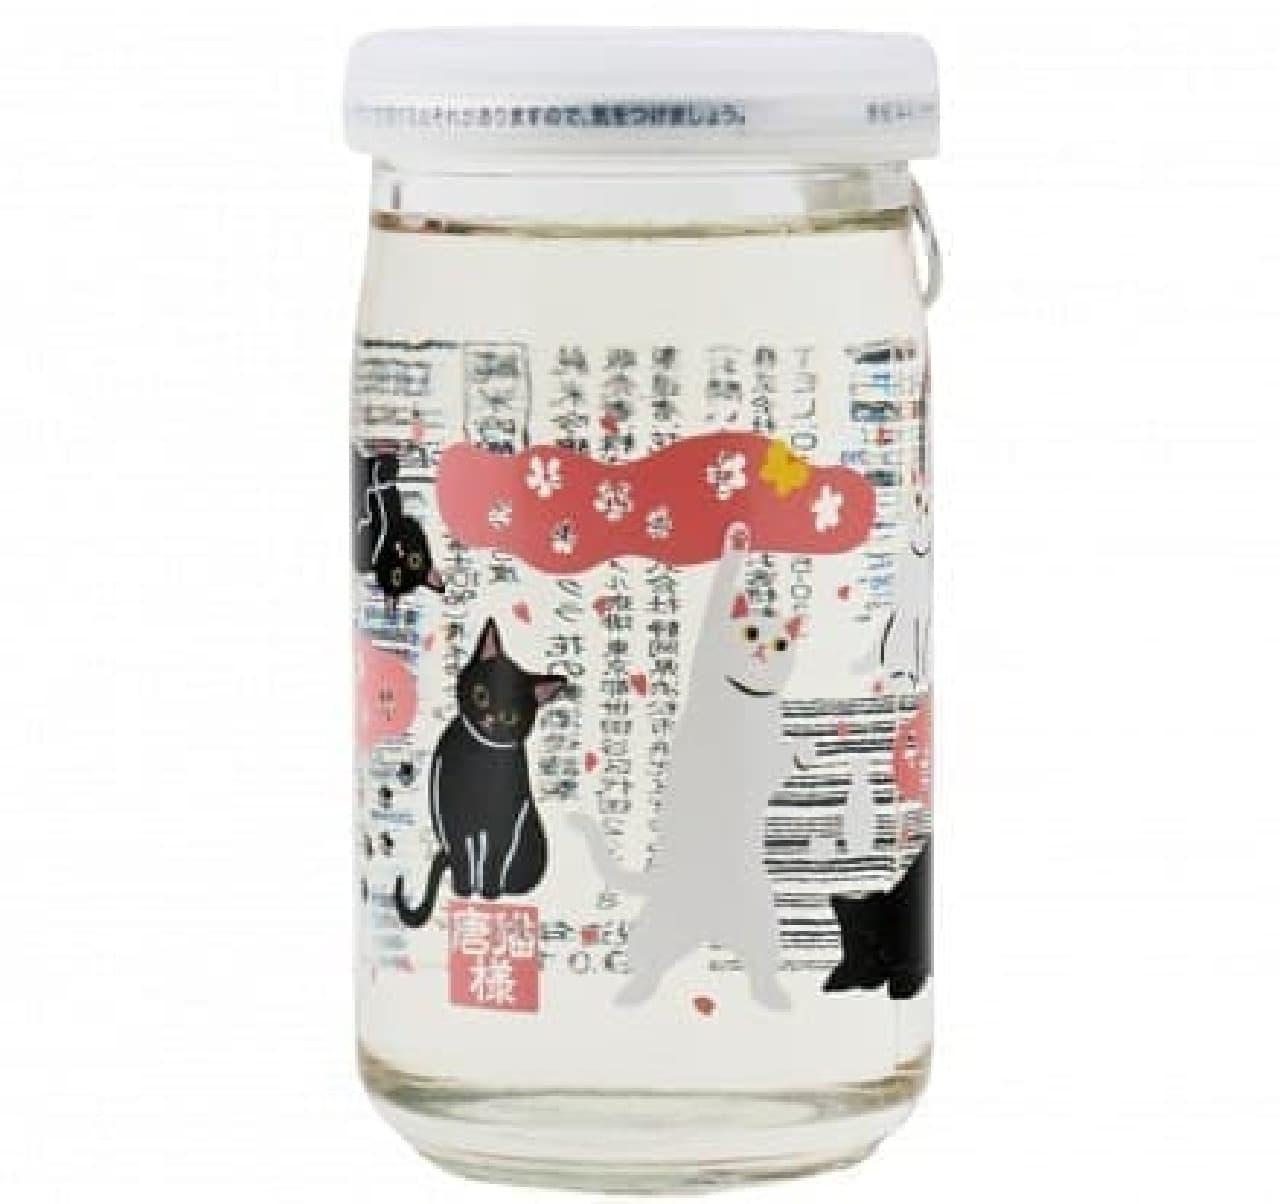 カルディコーヒーファーム「オリジナル 純米吟醸 唐猫様サクラ 花の舞酒造謹製」